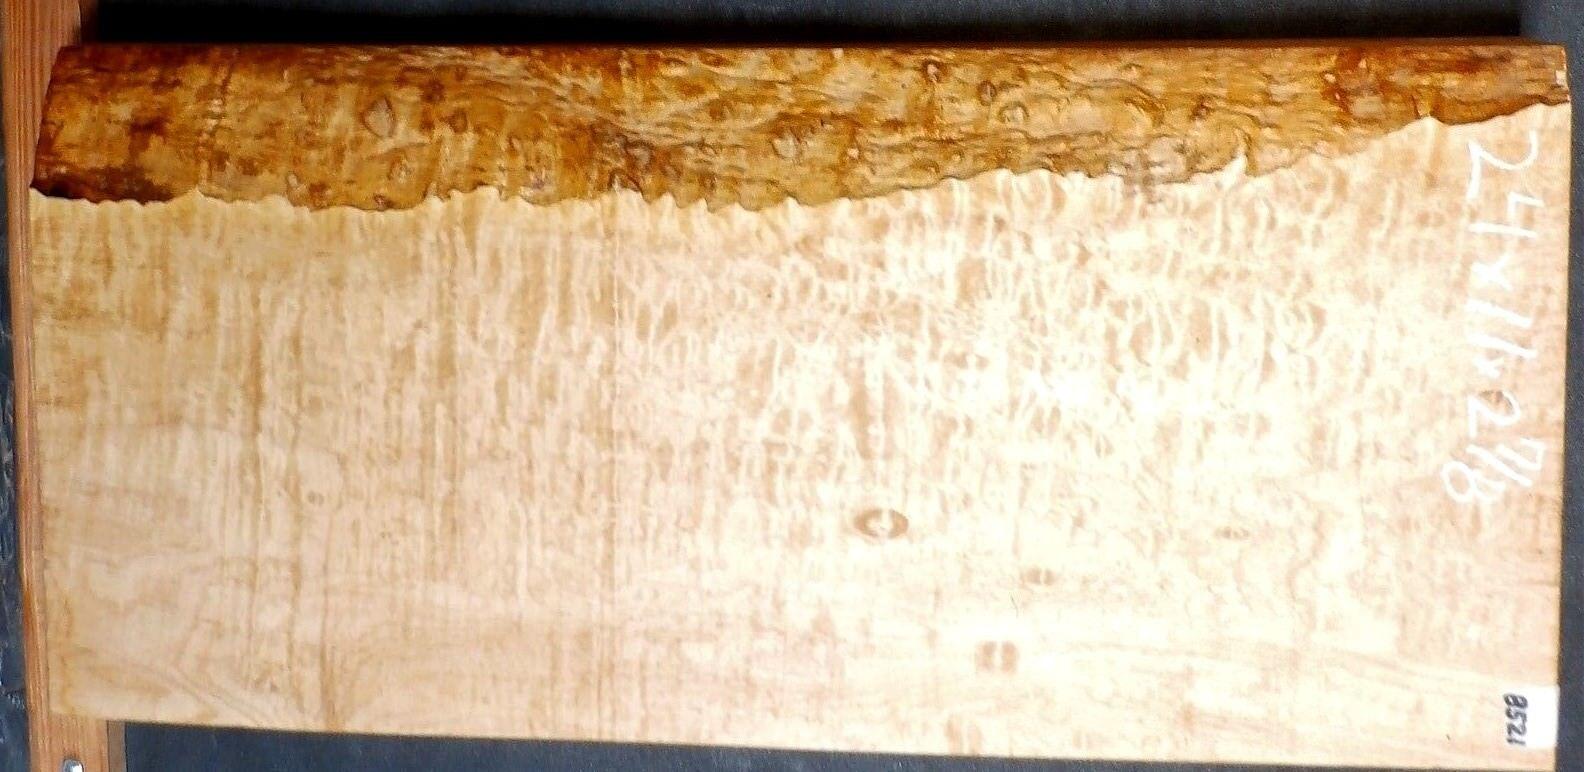 Gesteppt Ahorn Instrument Holz Gitarrenbauer 5a Ausstellung Qualität 24x